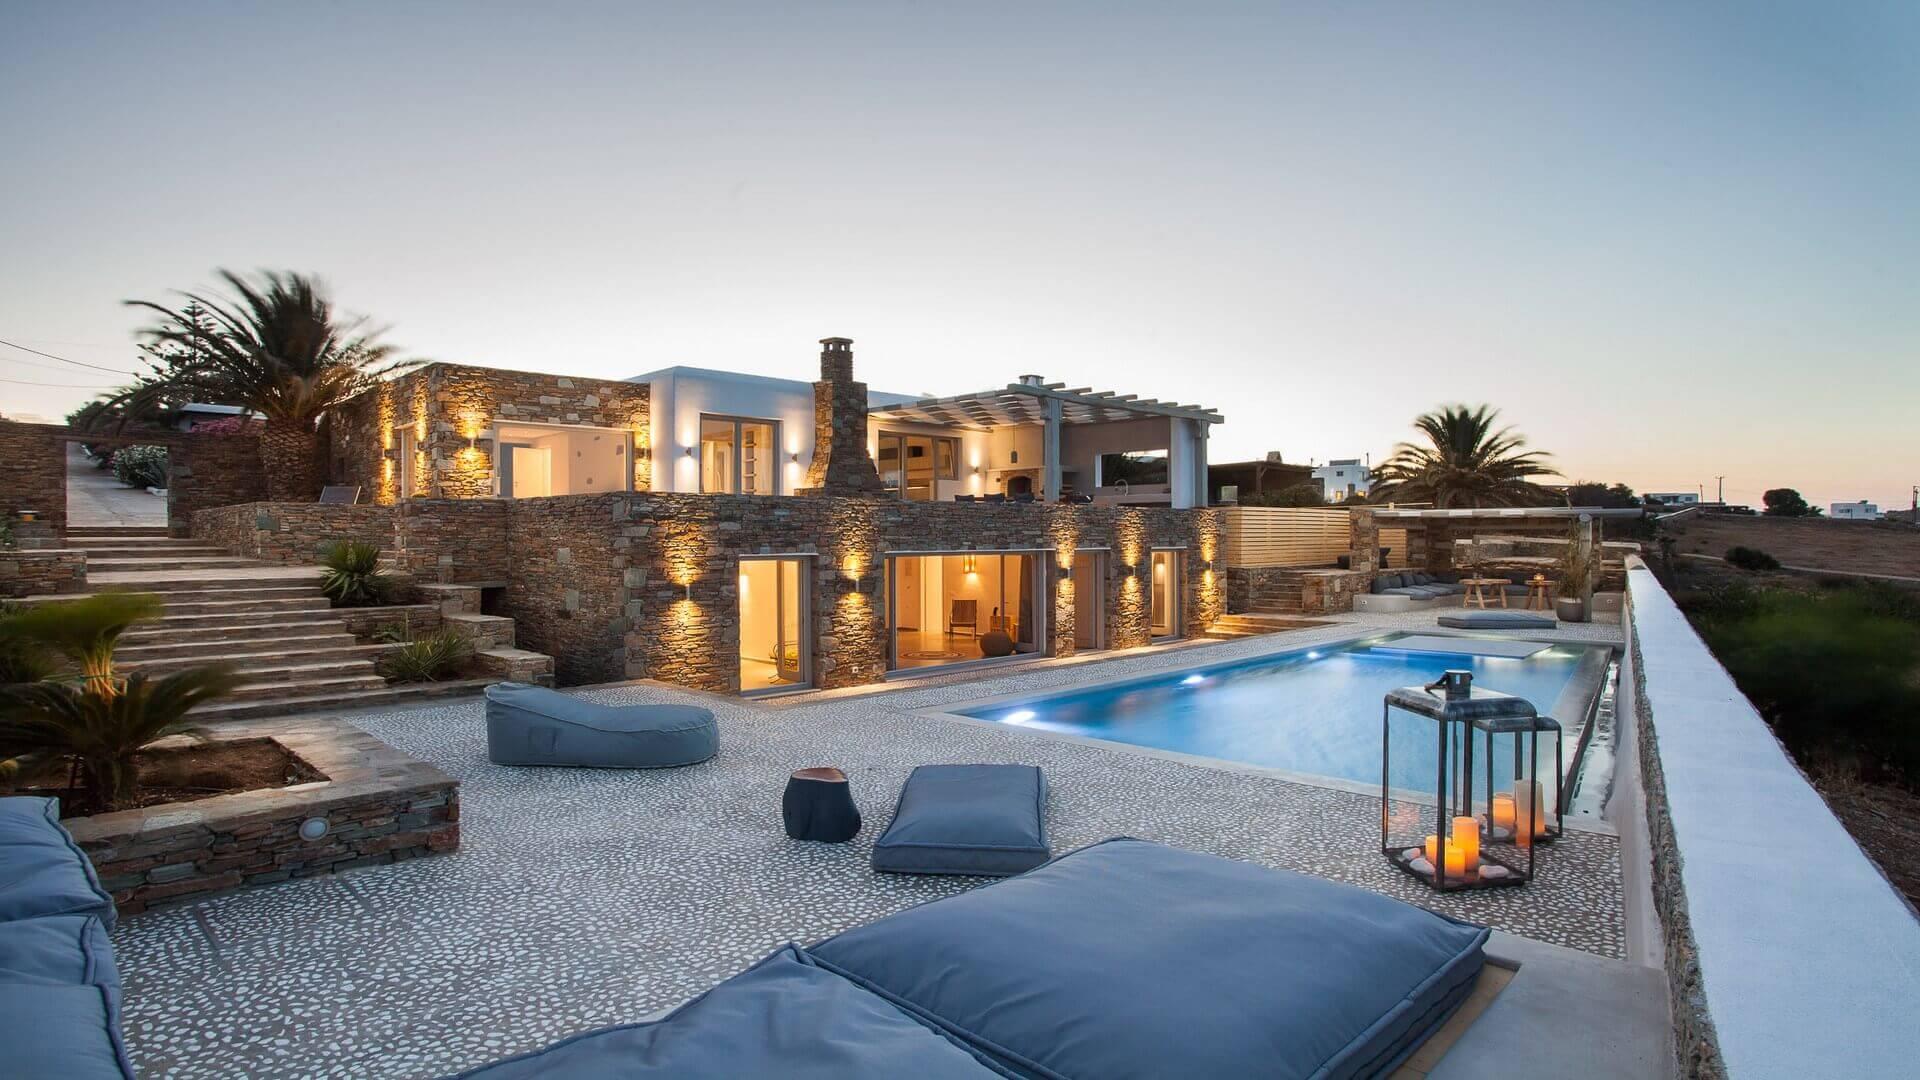 Best Island Beaches For Partying Mykonos St Barts: Villa Zeynep Mykonos